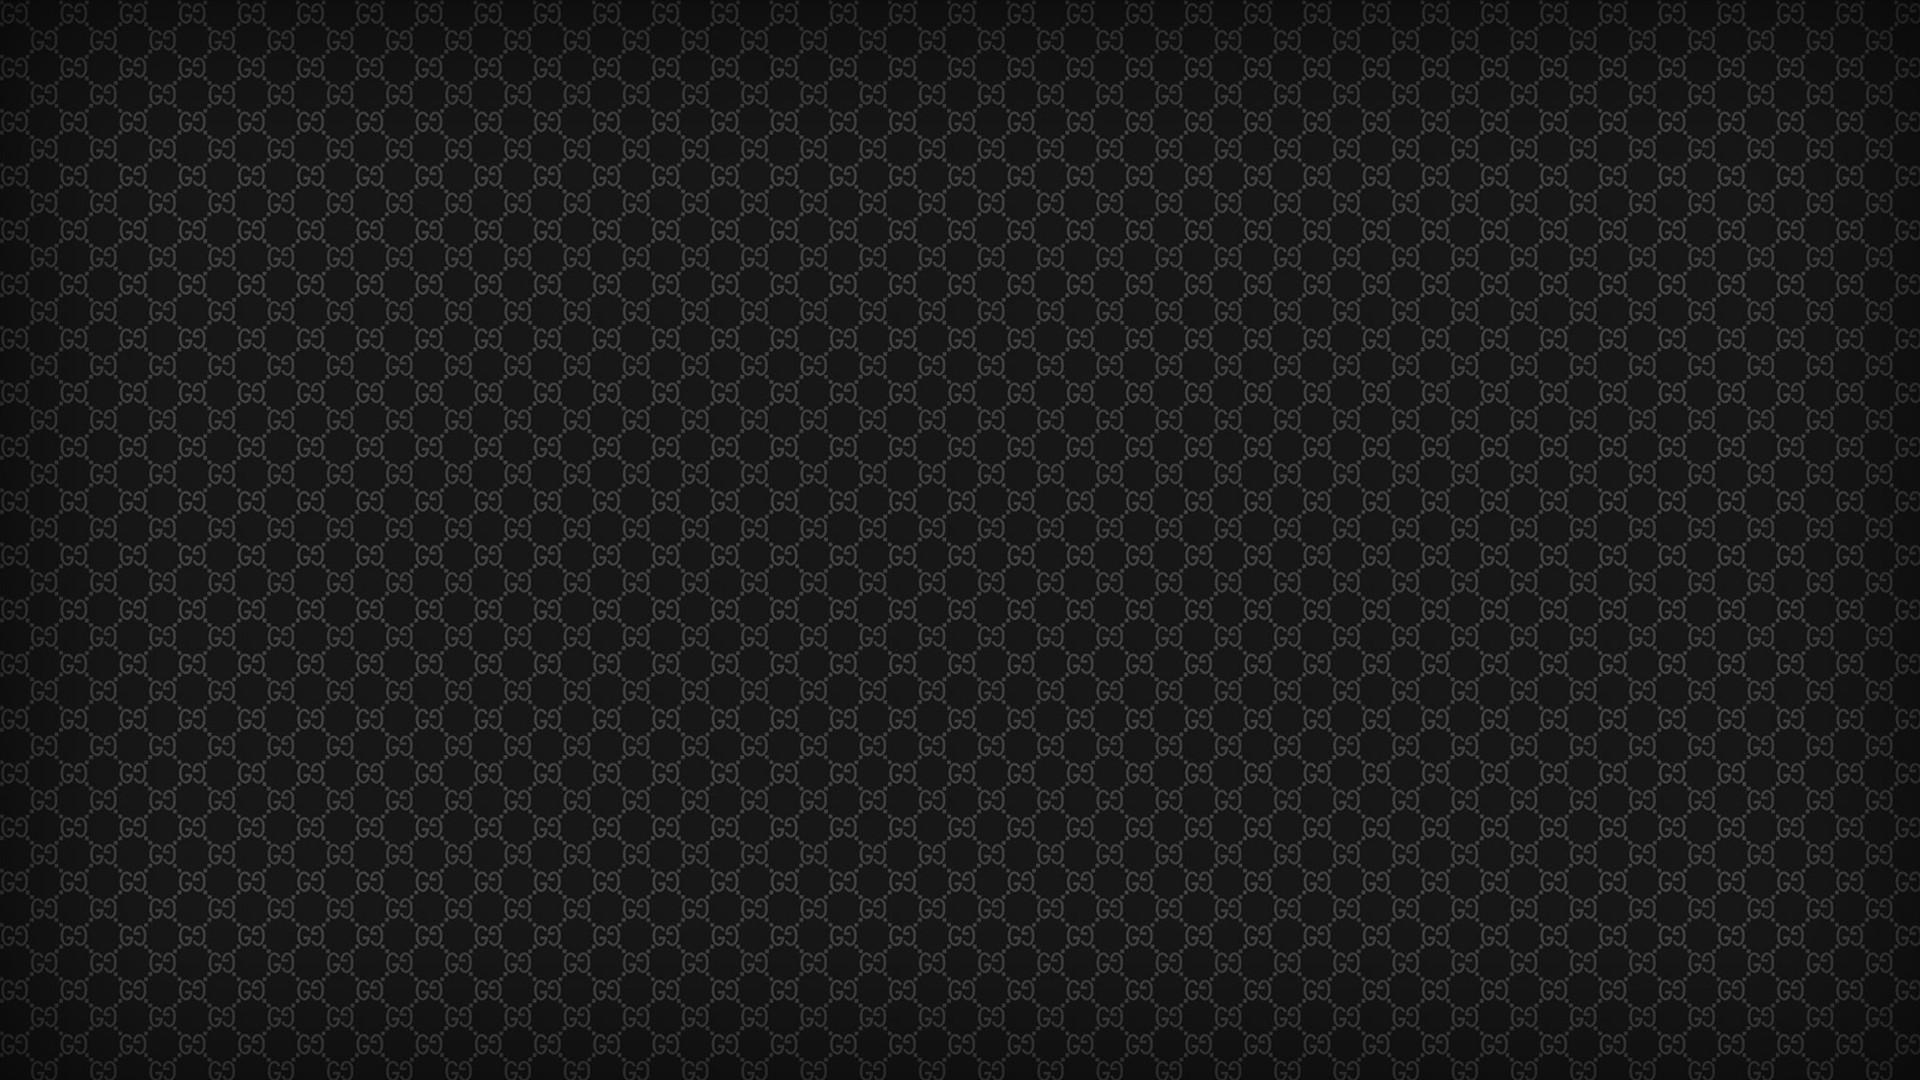 Designer label wallpaper gucci textures black   884029 1920x1080